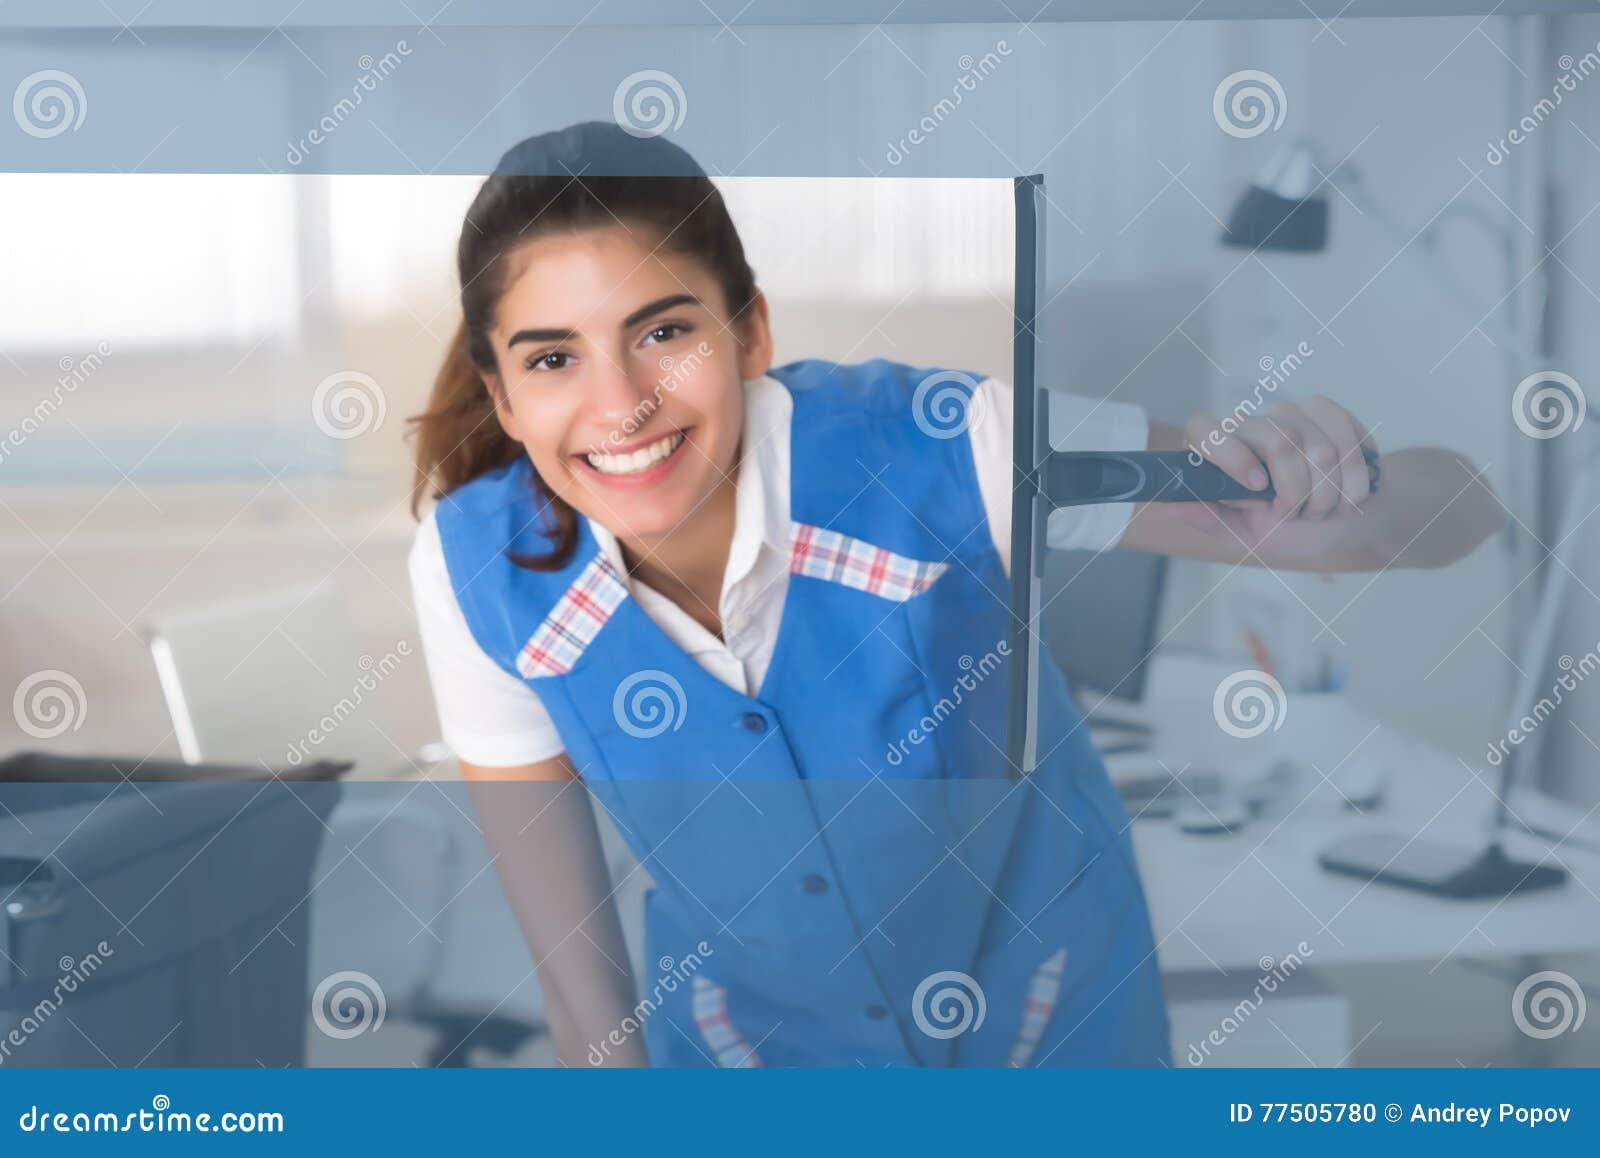 与橡皮刮板的微笑的女工清洗的玻璃窗